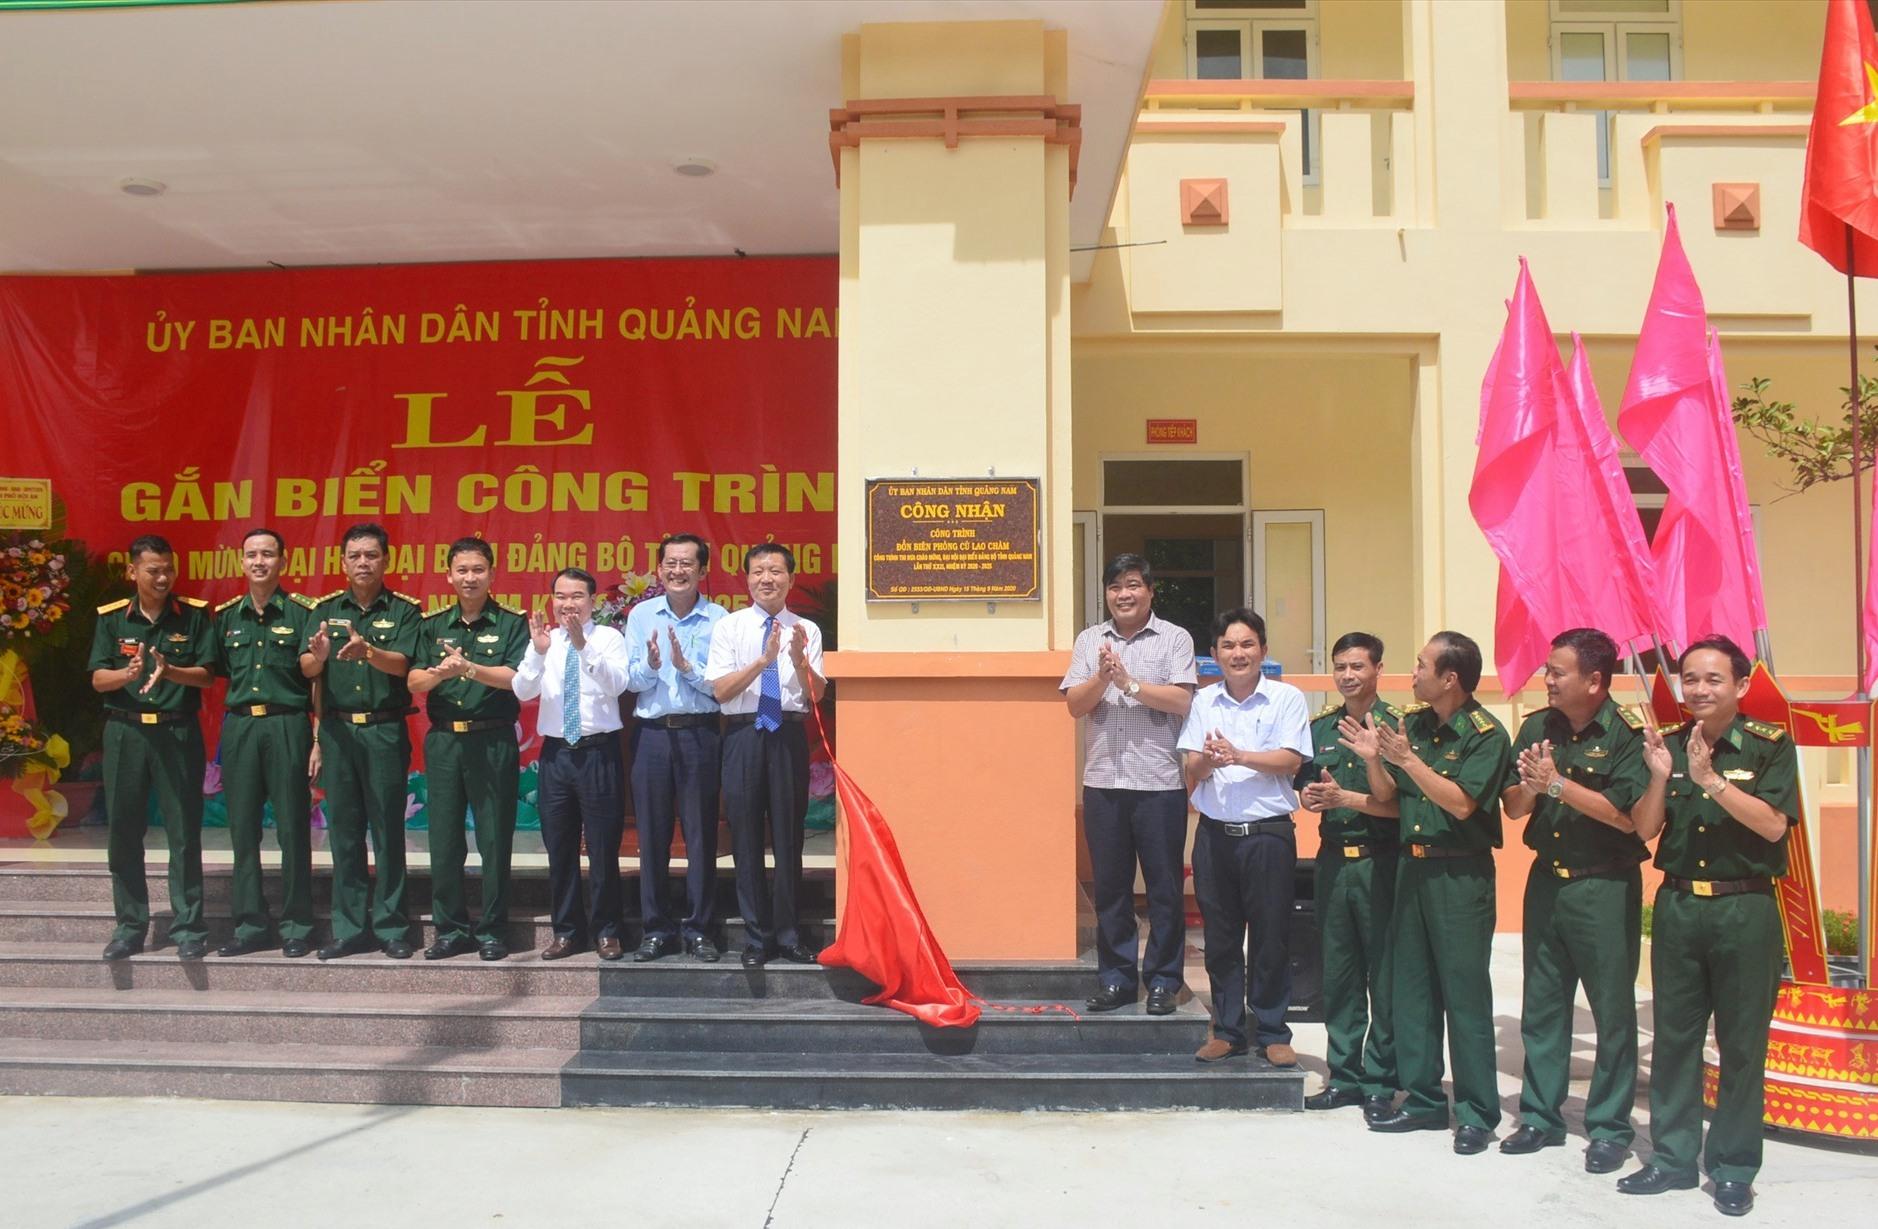 Lãnh đạo tỉnh thực hiện nghi thức công nhận công trình thi đua chào mừng Đại hội Đảng bộ tỉnh lần thứ XXII. Ảnh: Q.T